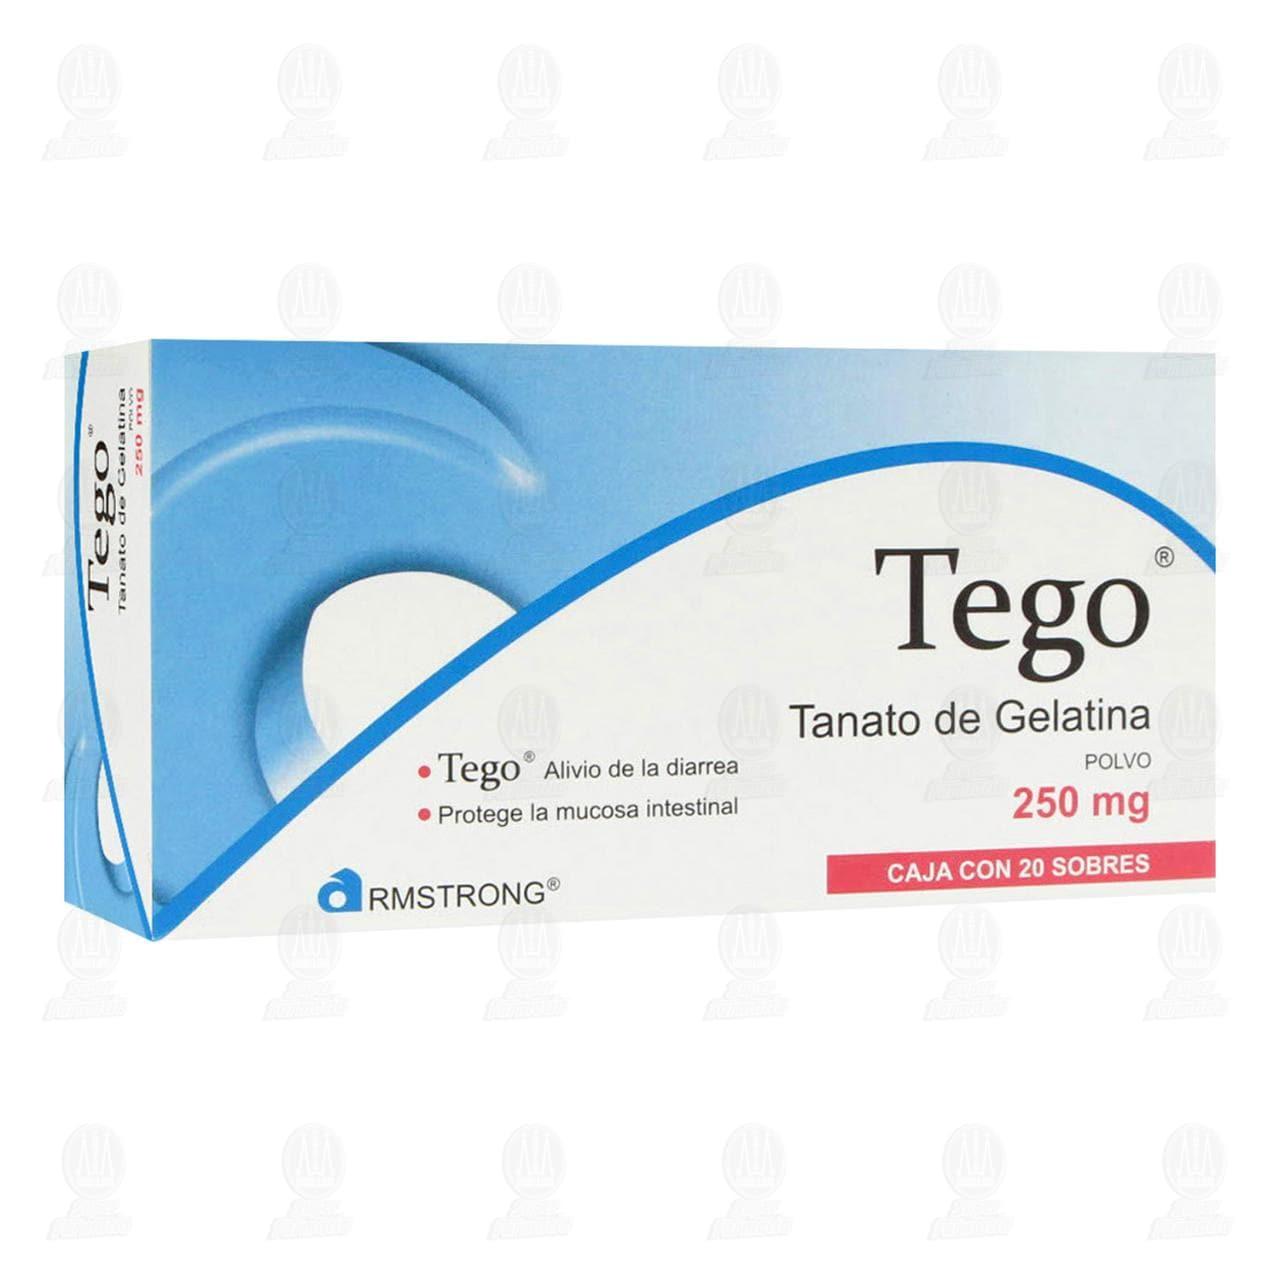 comprar https://www.movil.farmaciasguadalajara.com/wcsstore/FGCAS/wcs/products/1163213_A_1280_AL.jpg en farmacias guadalajara